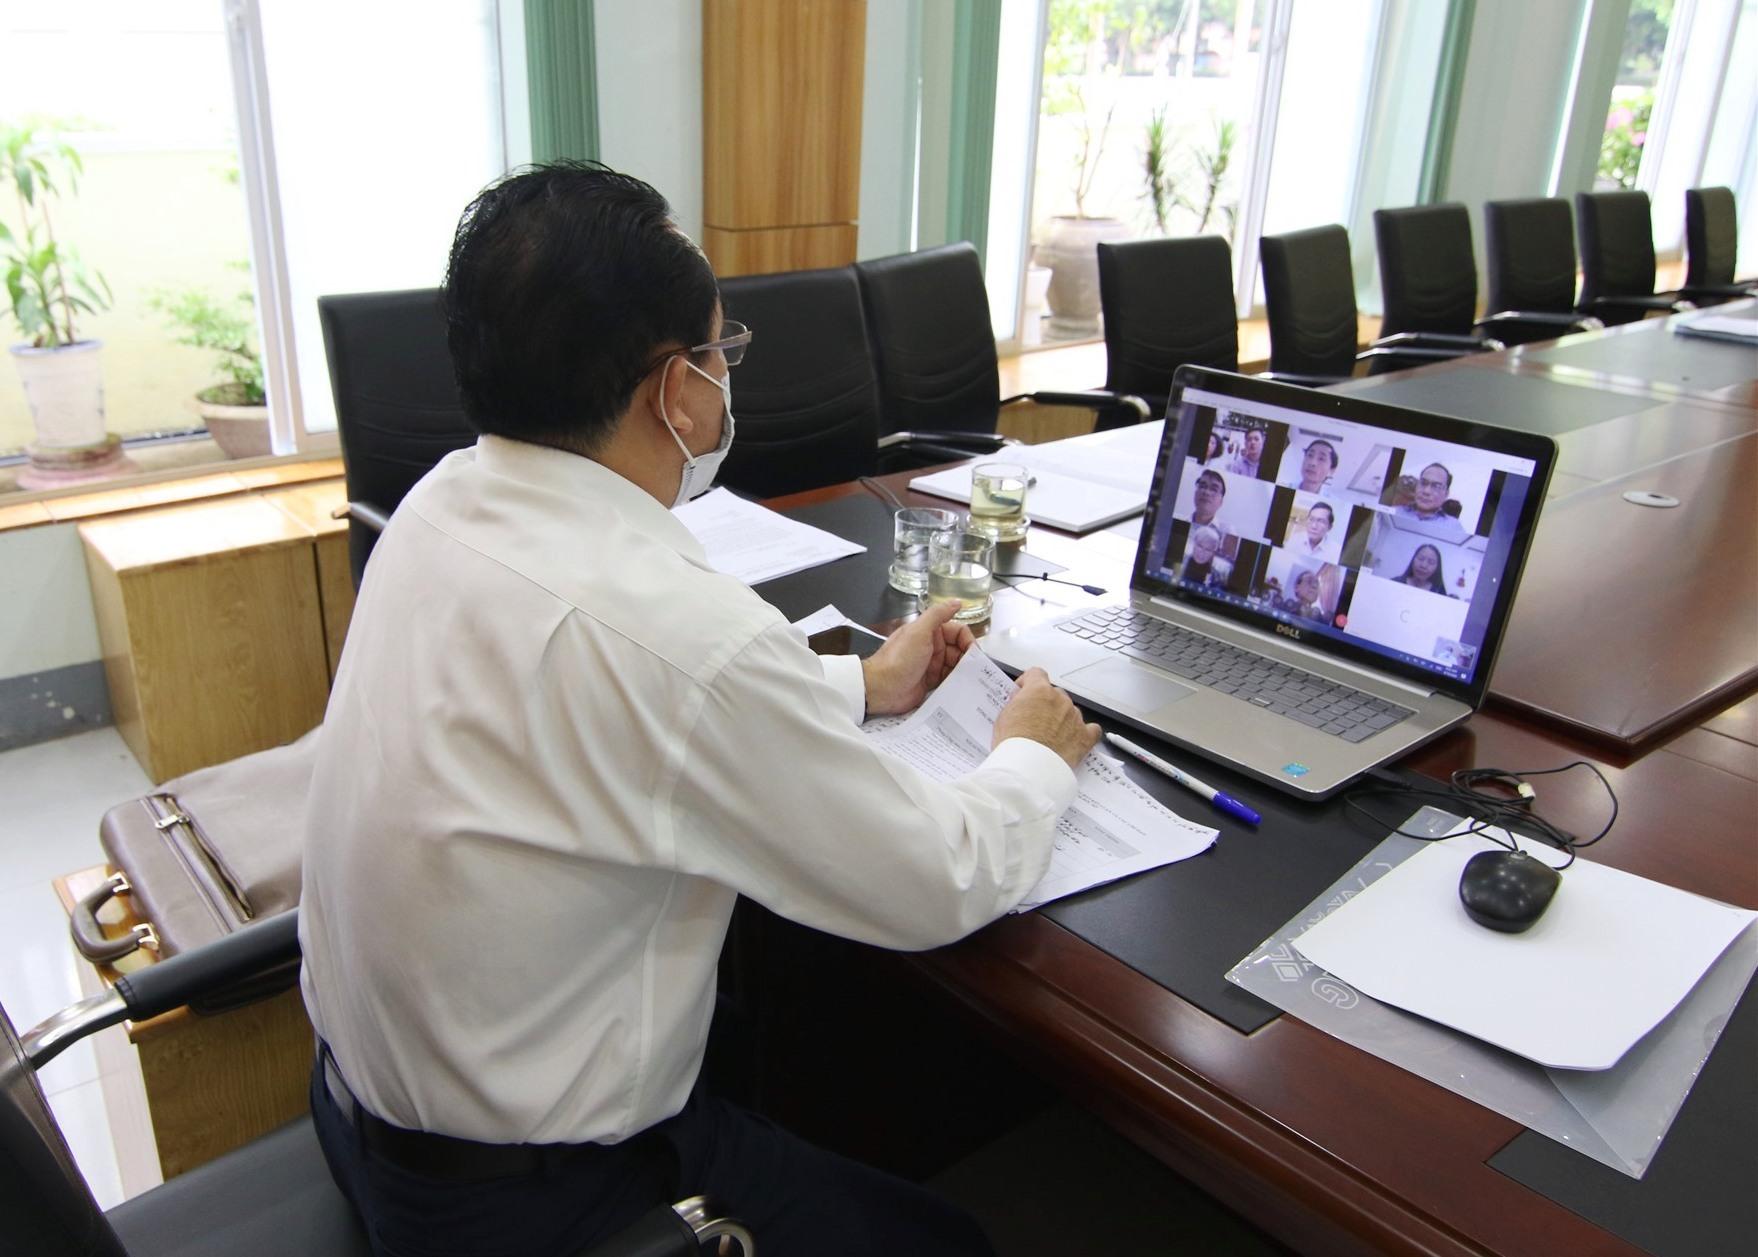 Giám đốc Sở Nội vụ Trần Anh Tuấn điều hành họp qua phần mềm trực tuyến.